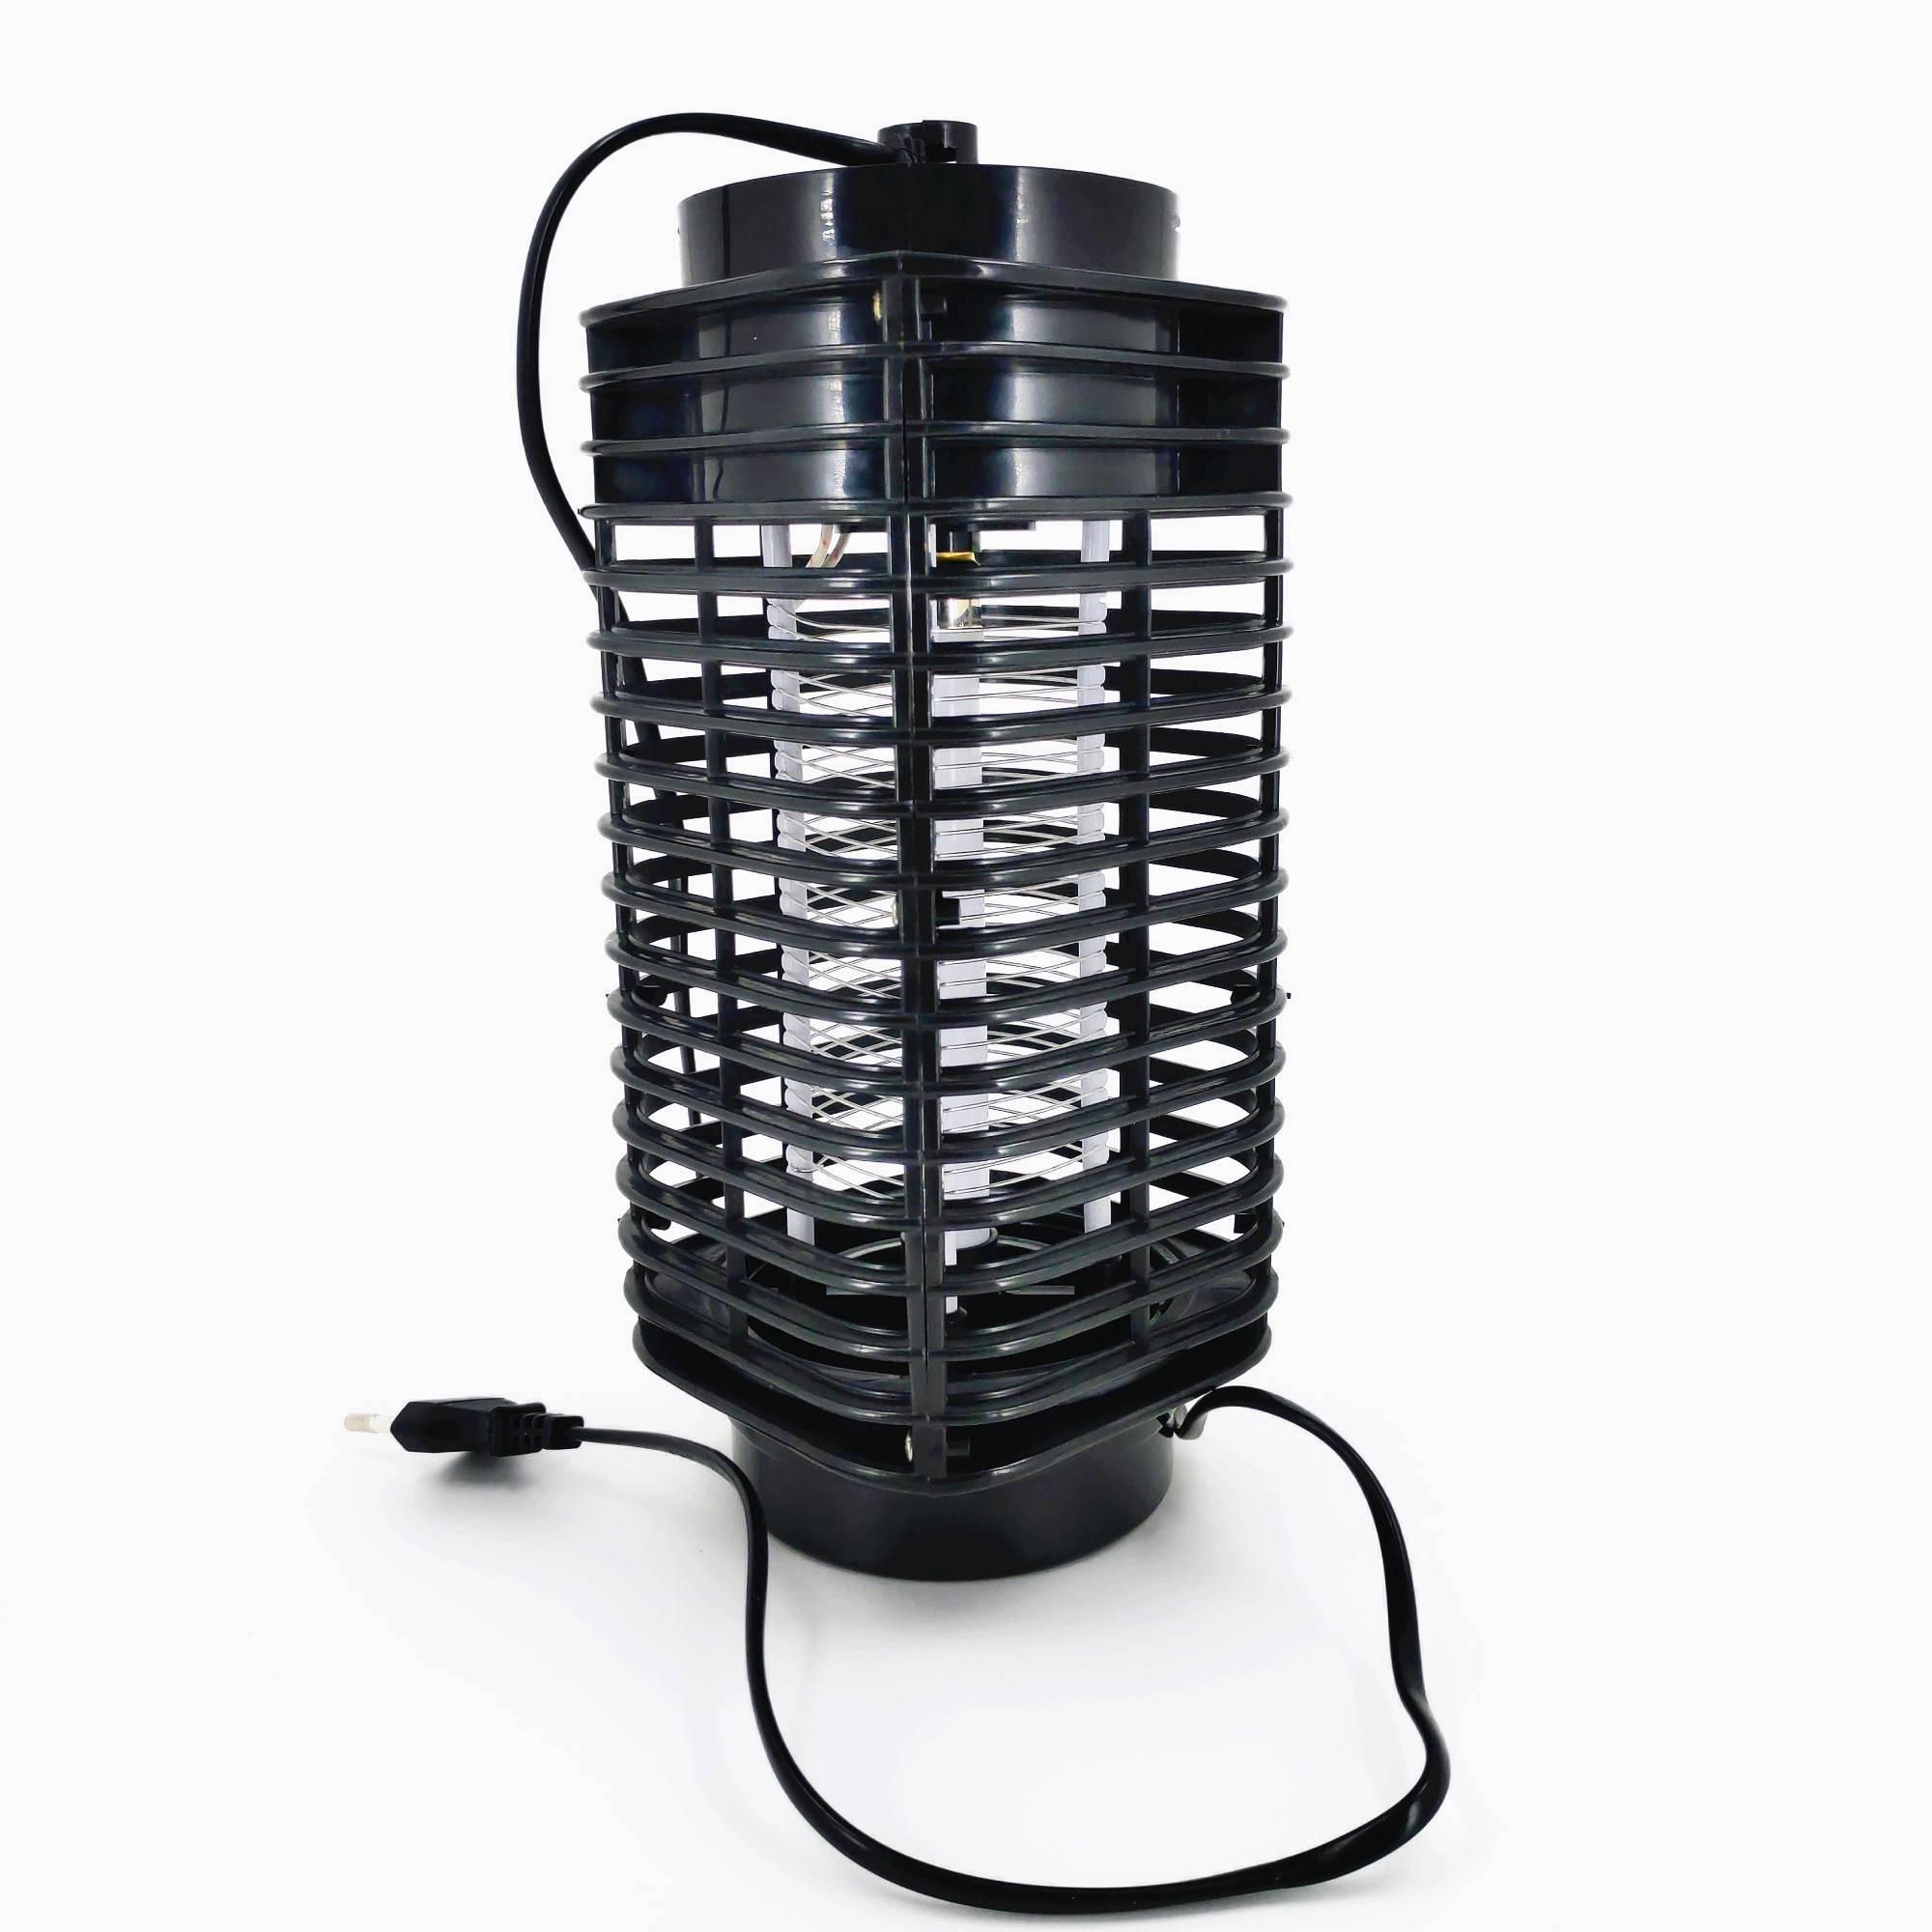 Ловушки для комаров: дорогие новинки против бюджетных вариантов // нтв.ru